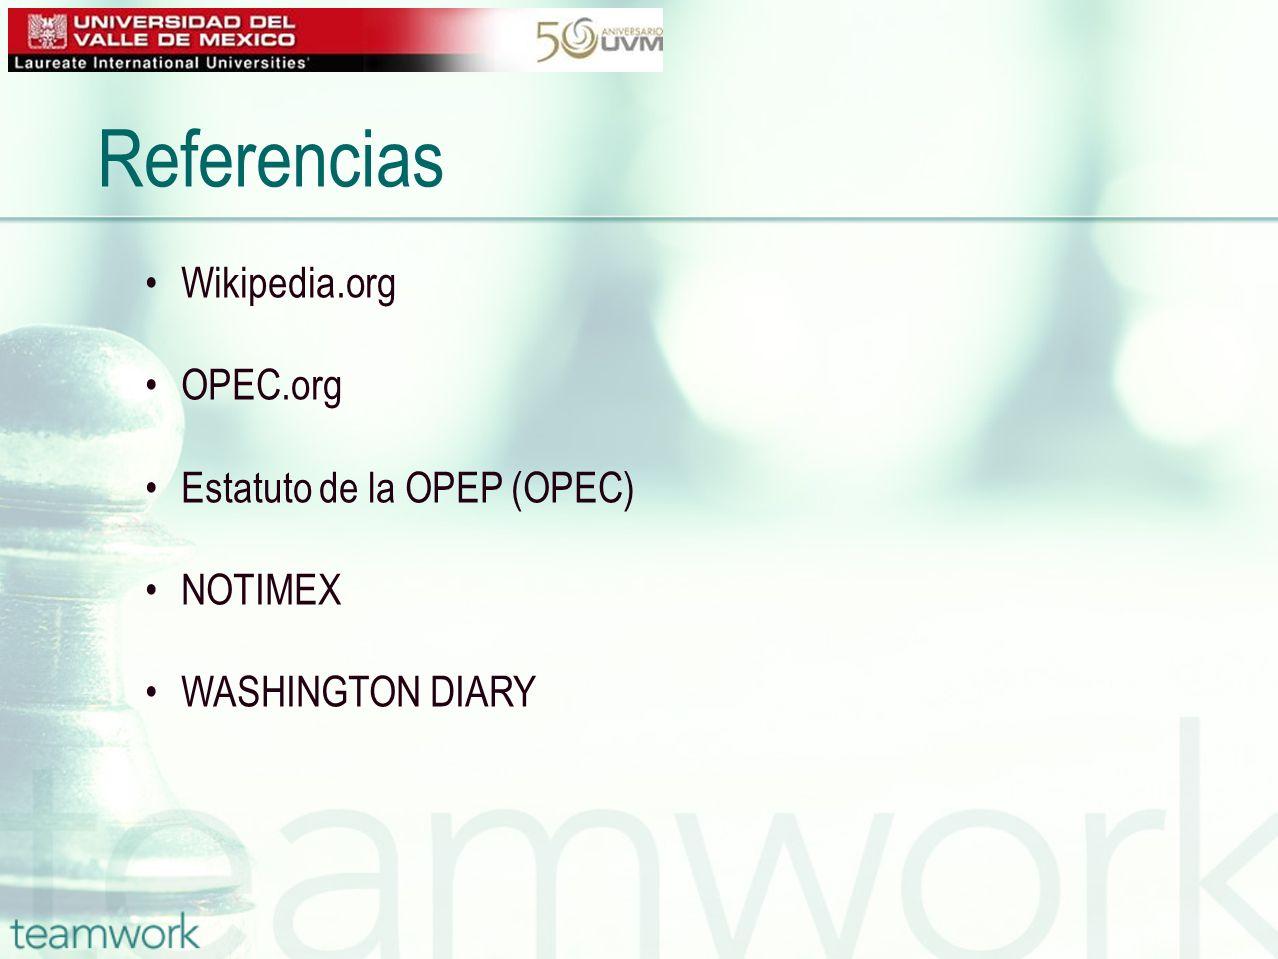 La Organización de Países Exportadores de Petróleo (OPEP, español – OPEC, inglés), es una organización intergubernamental permanente con sede en Viena Austria desde el 1ero.